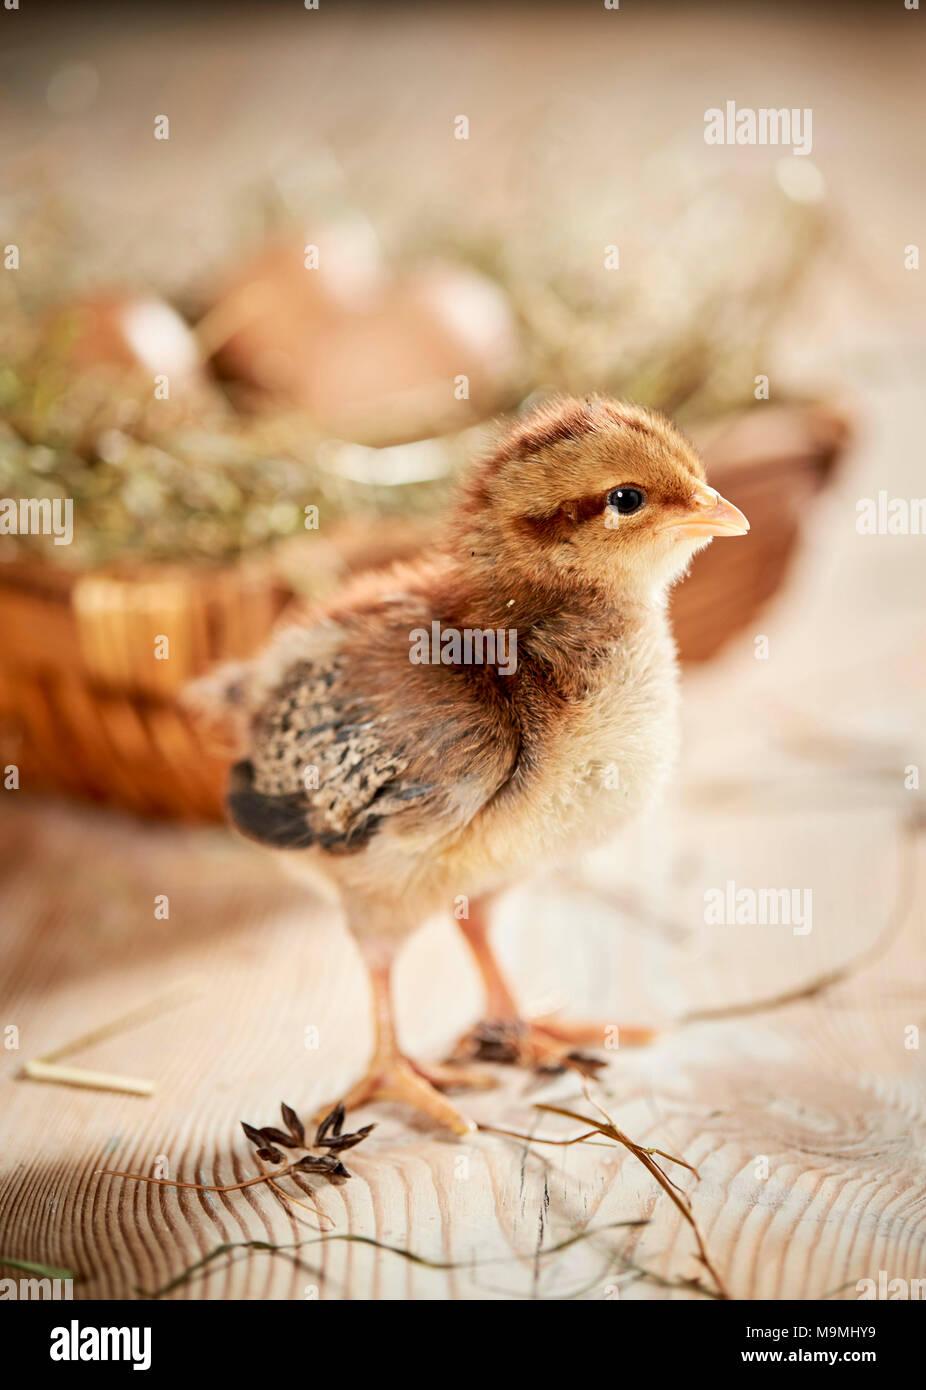 Welsummer Hühner. Huhn stehend auf Holz, vor Nest mit Eiern. Deutschland Stockbild